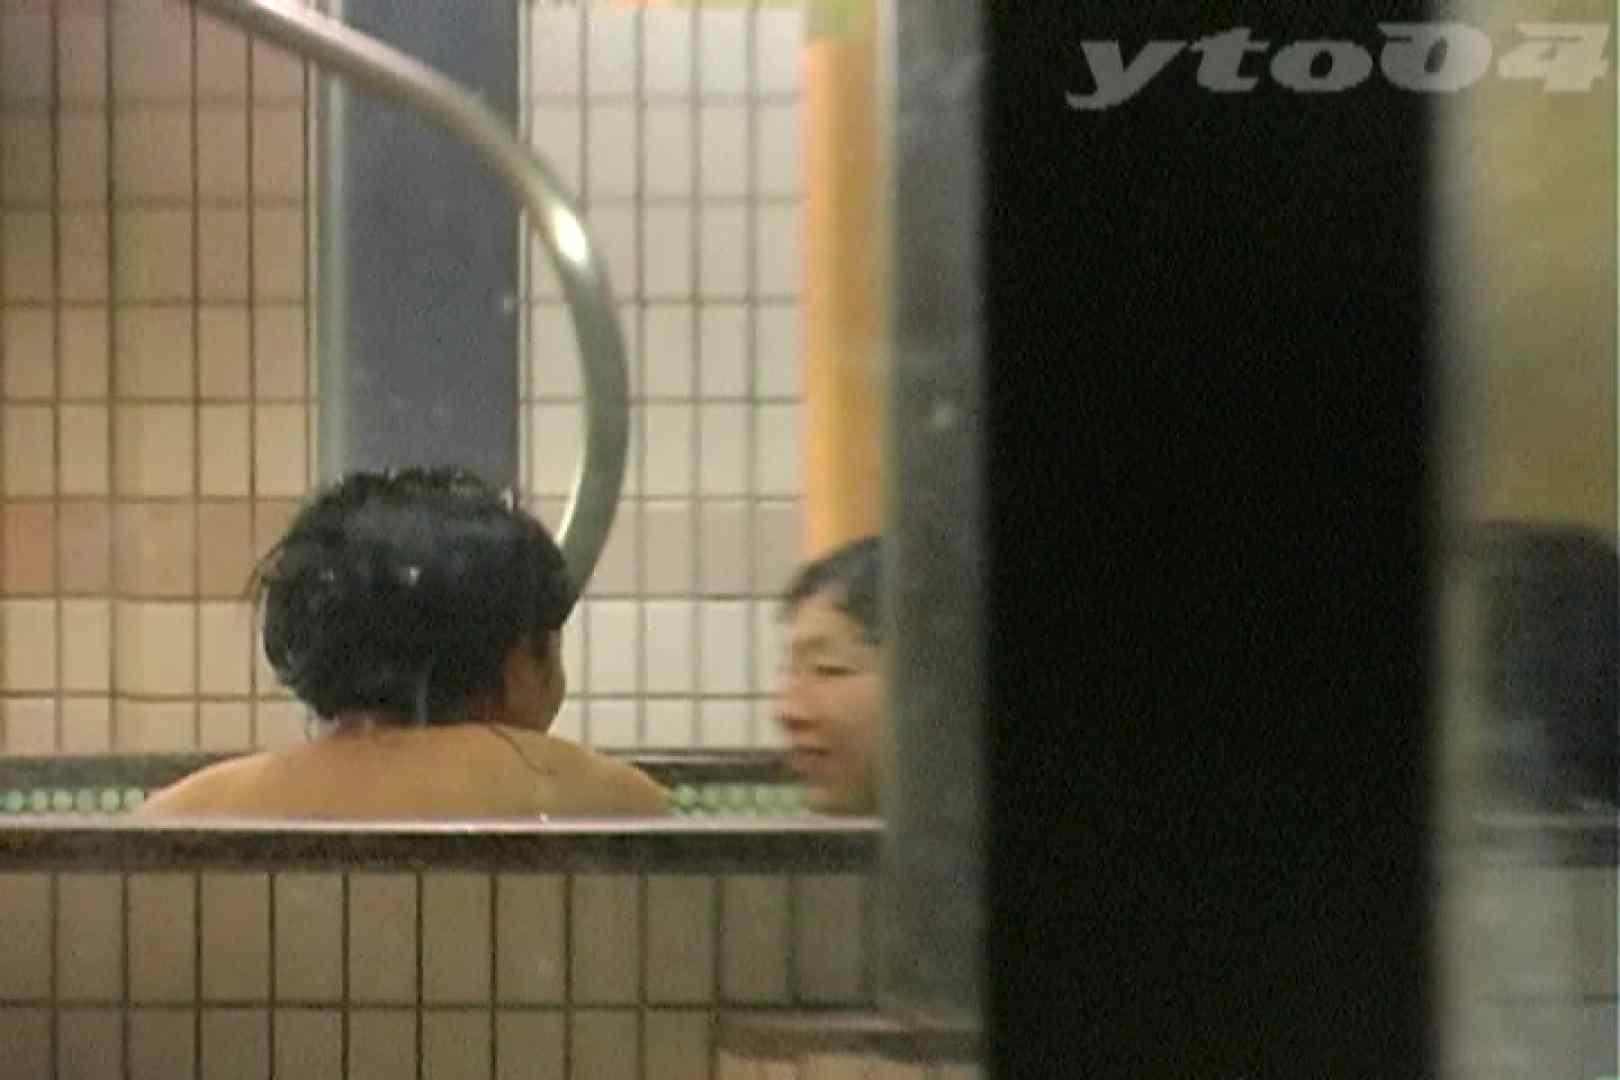 ▲復活限定▲合宿ホテル女風呂盗撮 Vol.24 合宿 | 女風呂  75連発 43